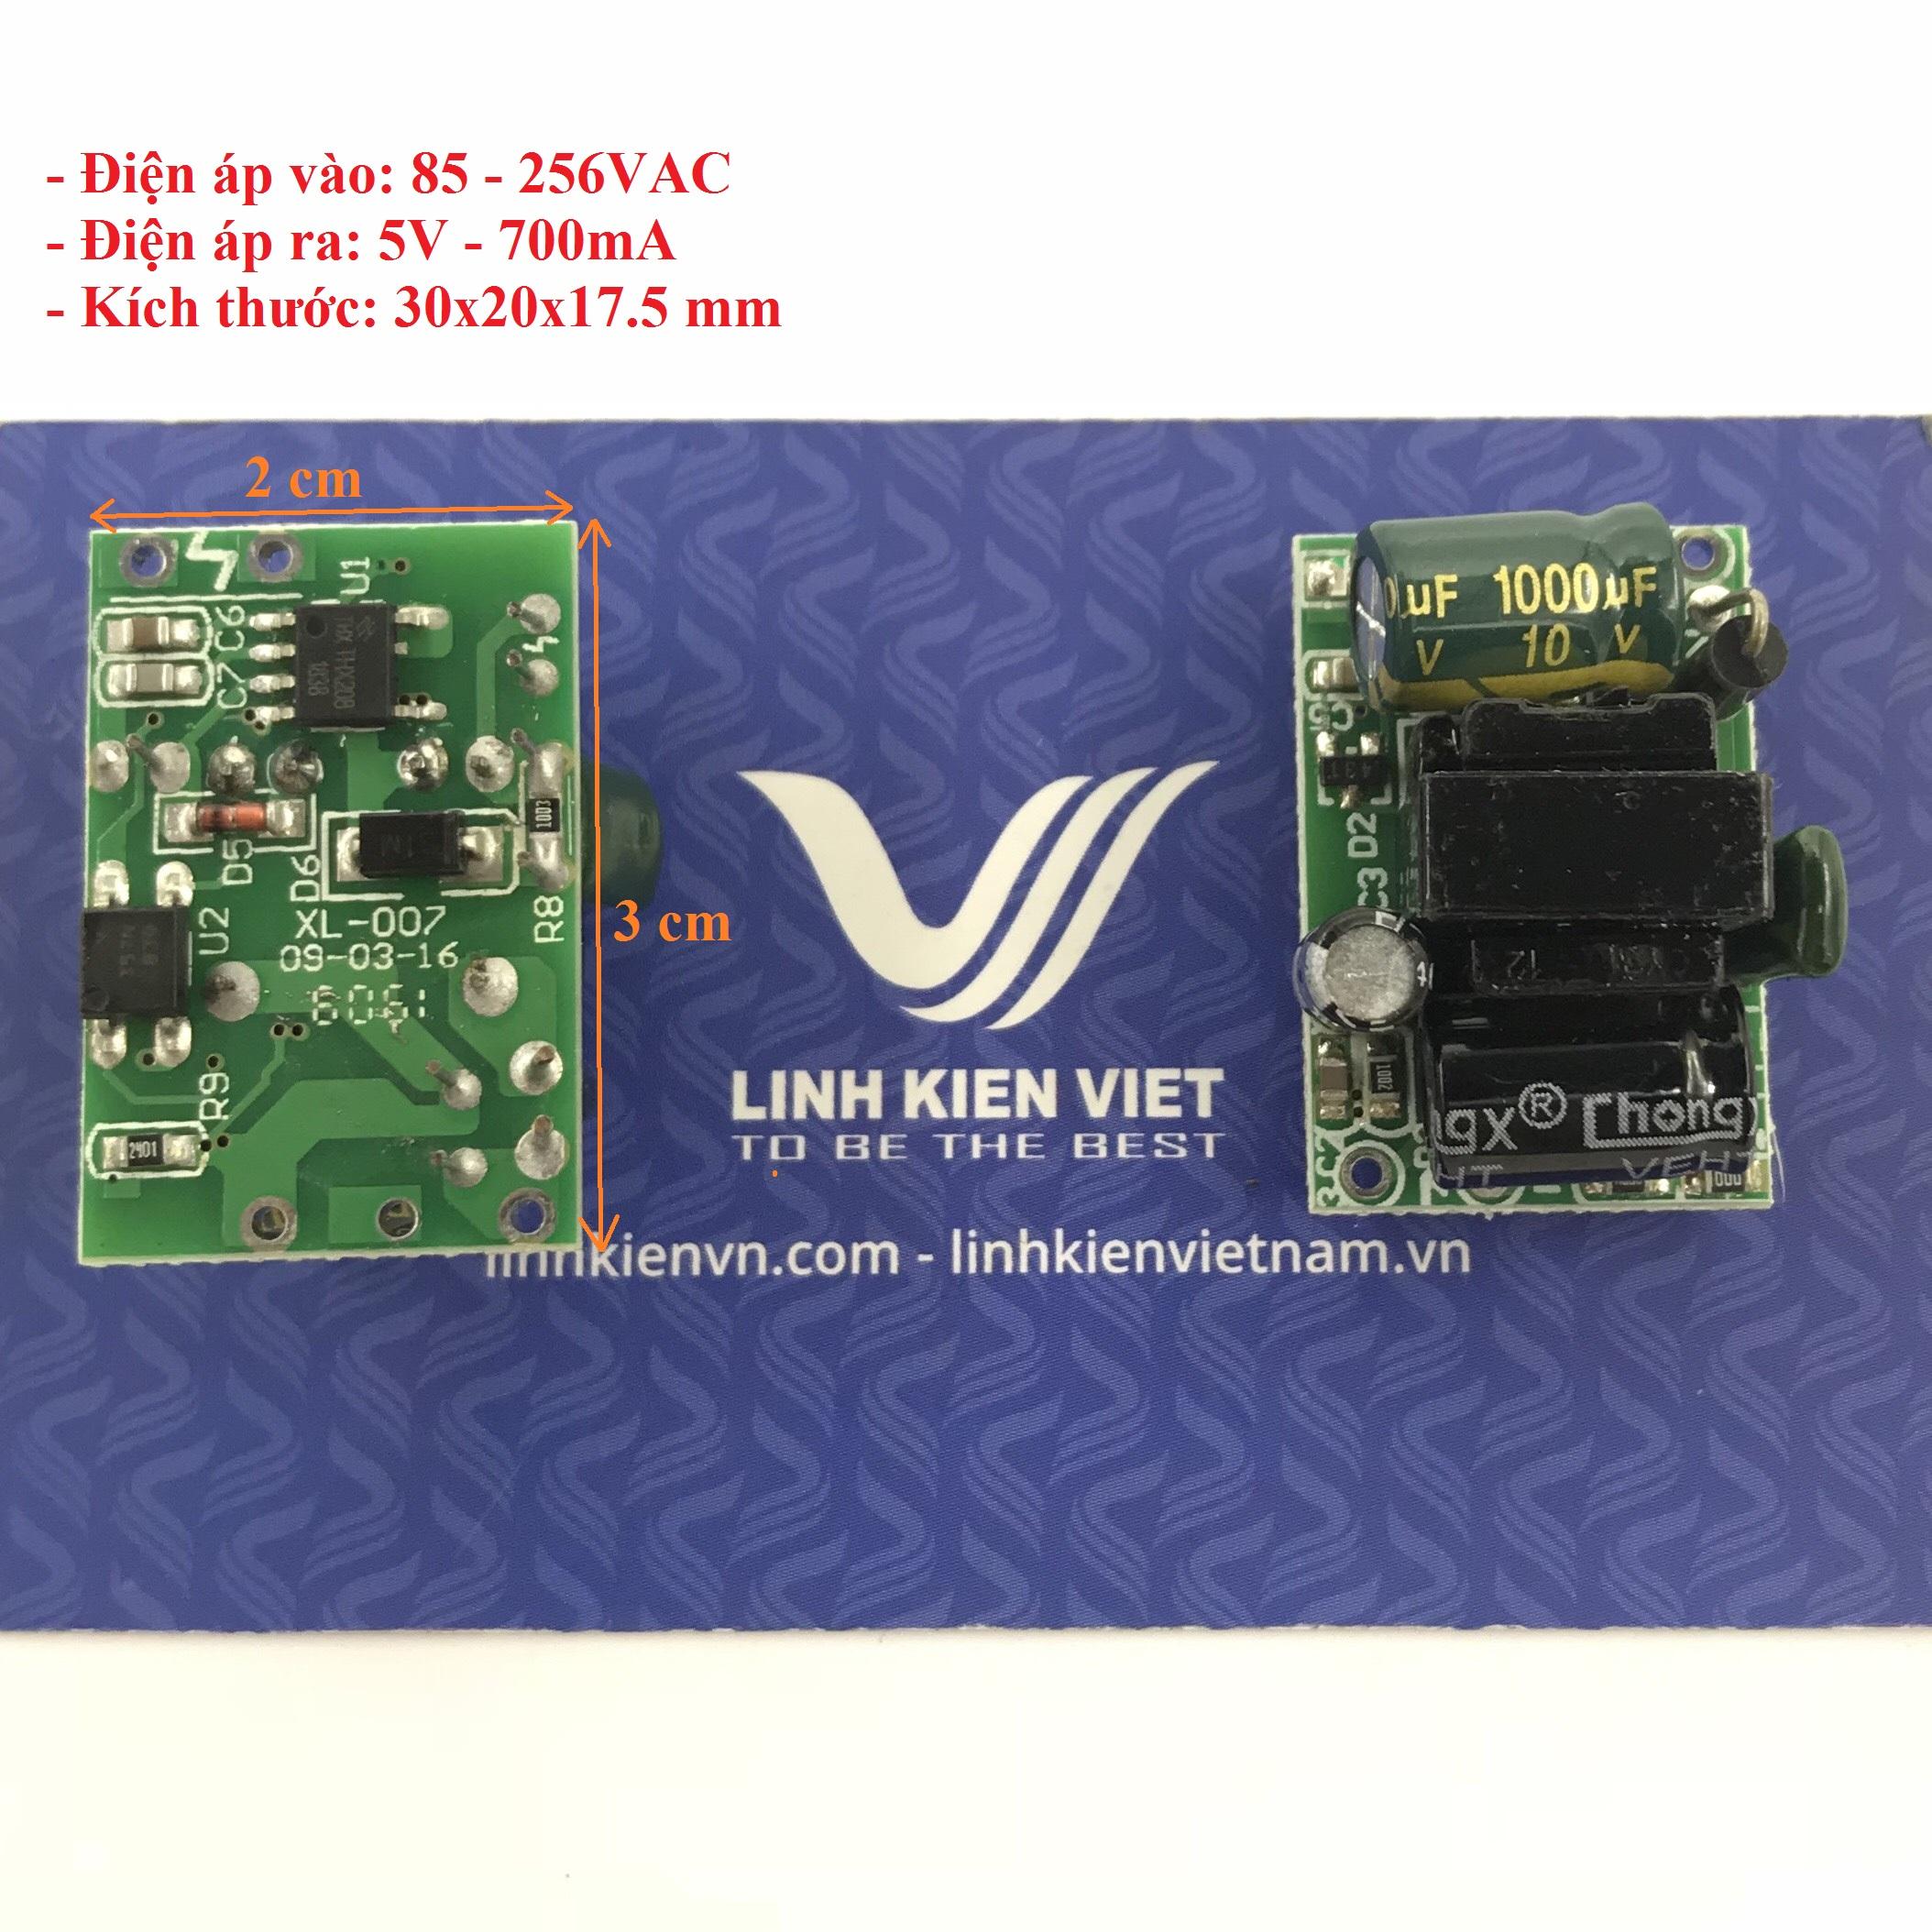 Nguồn adapter không vỏ AC-DC Mini 5V 700mA 30x20x17.5mm - J5H10